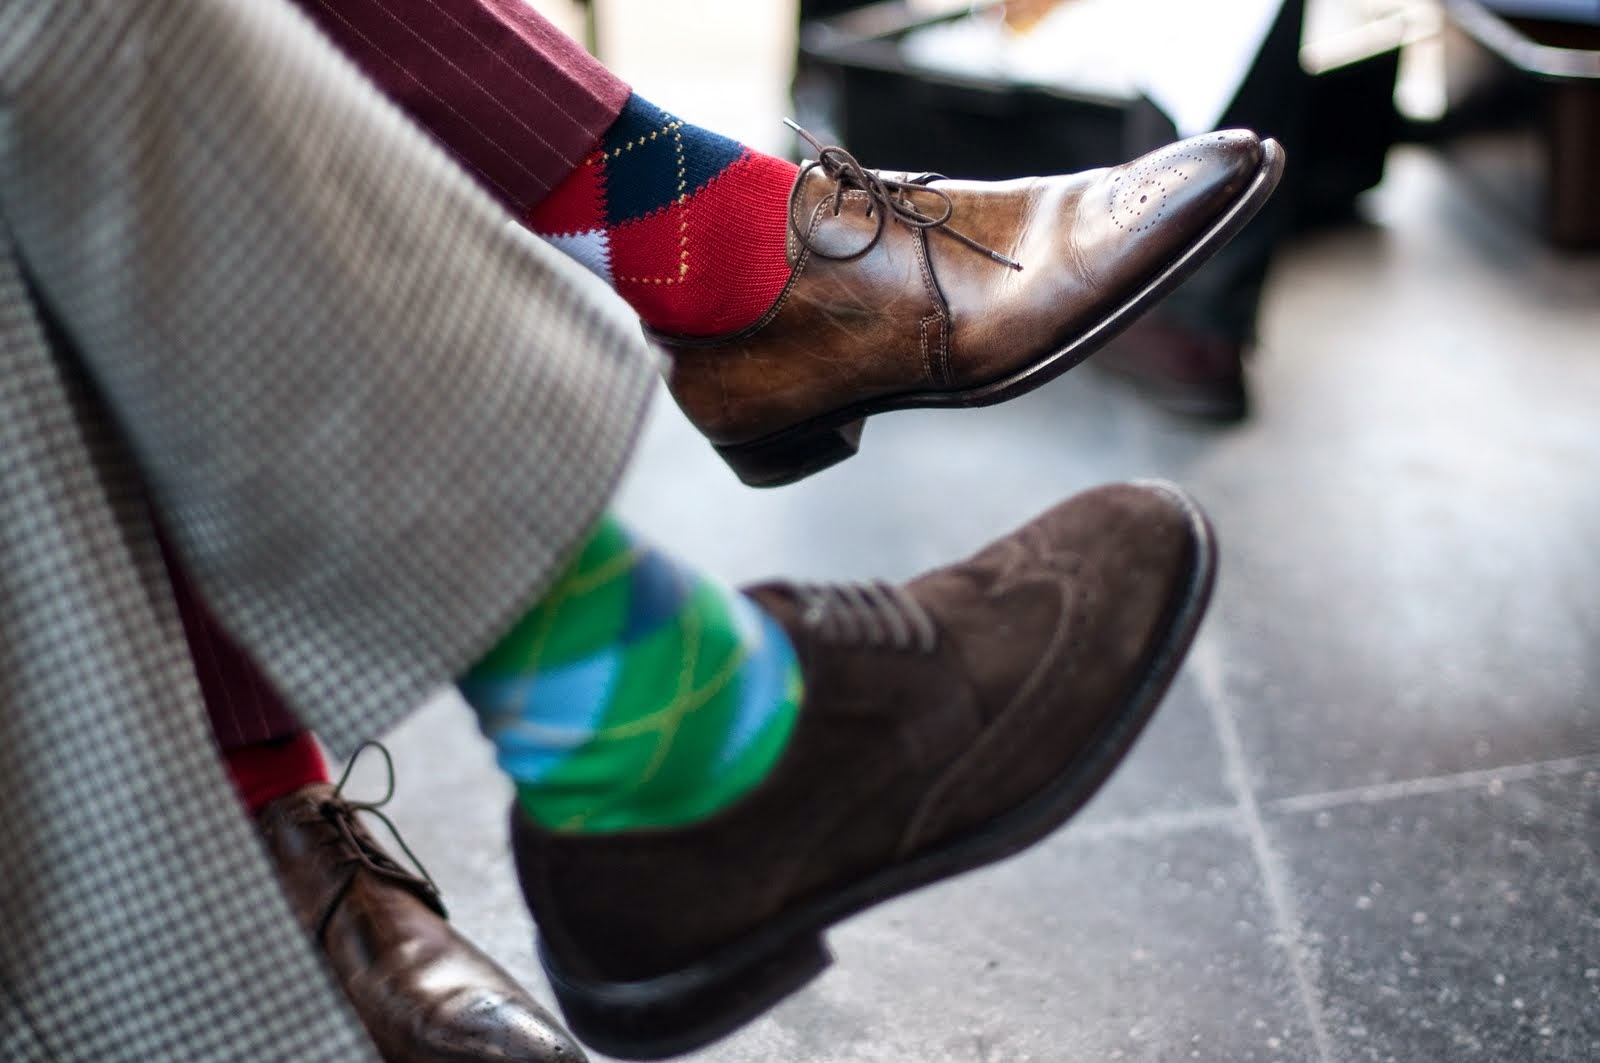 Фото как нюхают потные носки и ноги 15 фотография